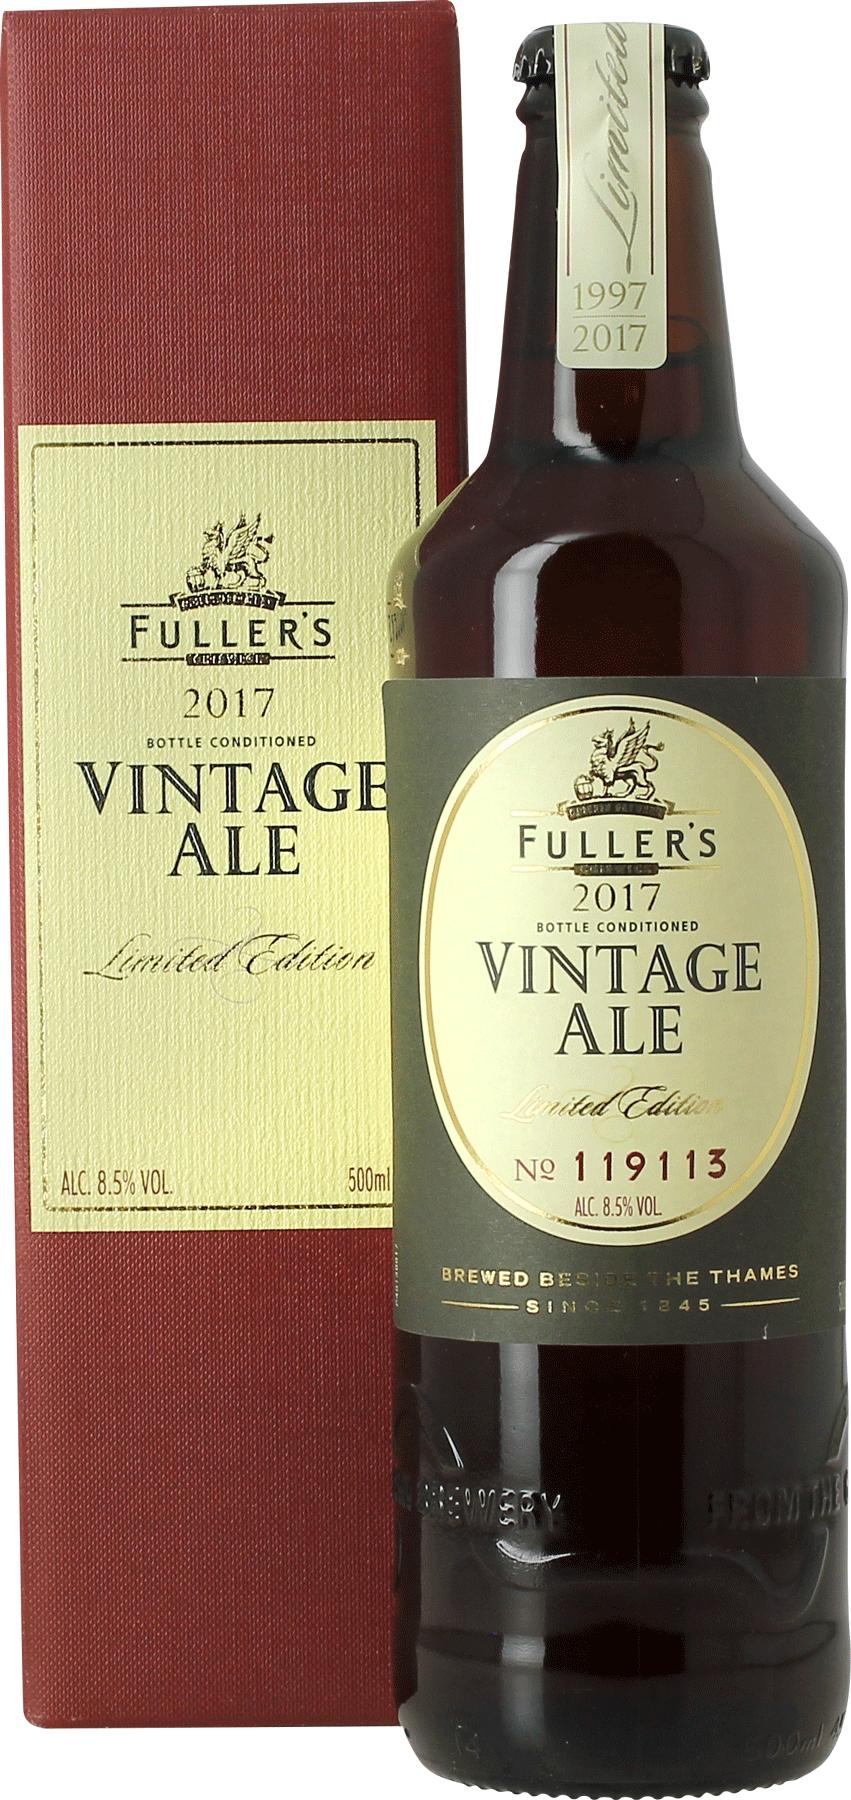 Fuller's Vintage Ale 2017